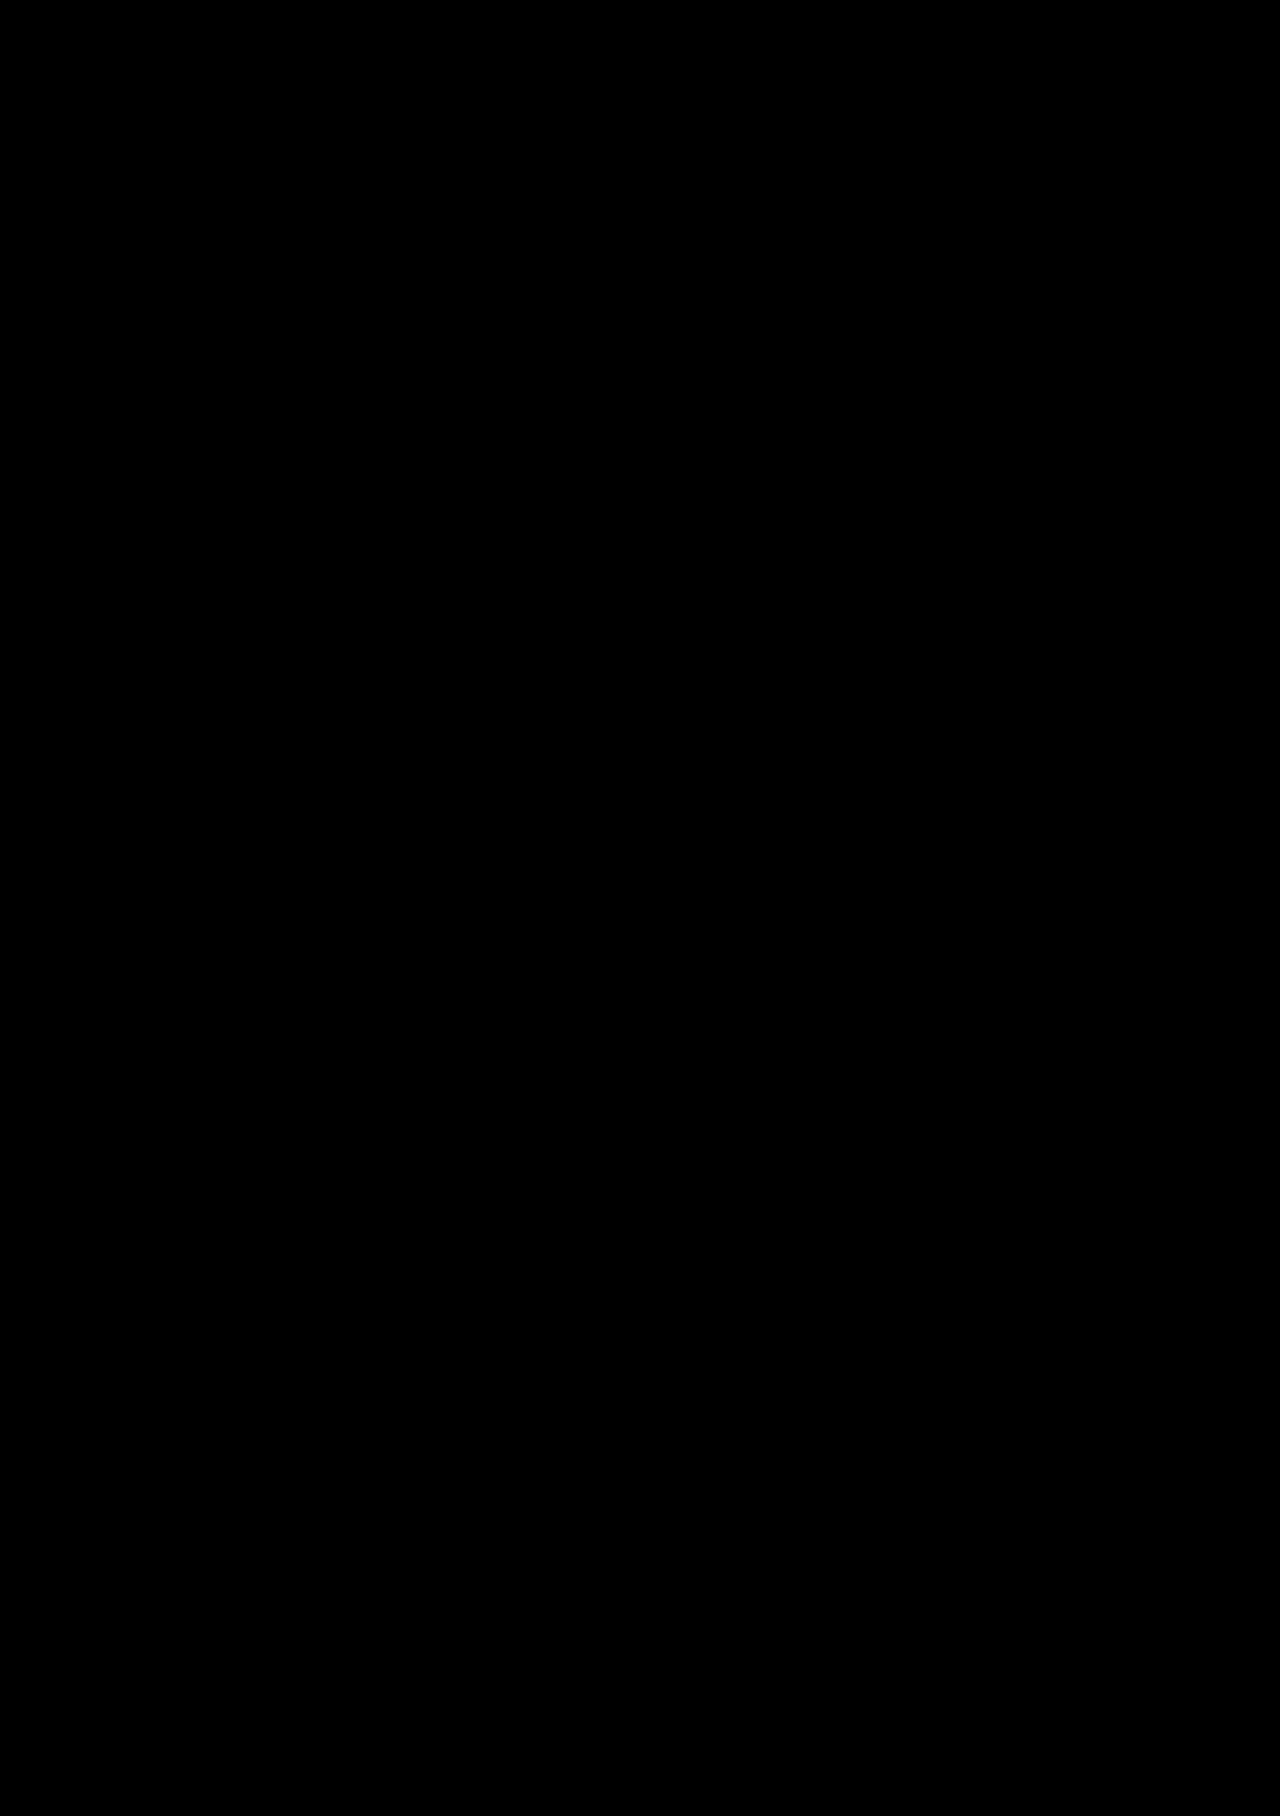 Mash Kyrielight Suimin Kansatsu Houkokusho 24